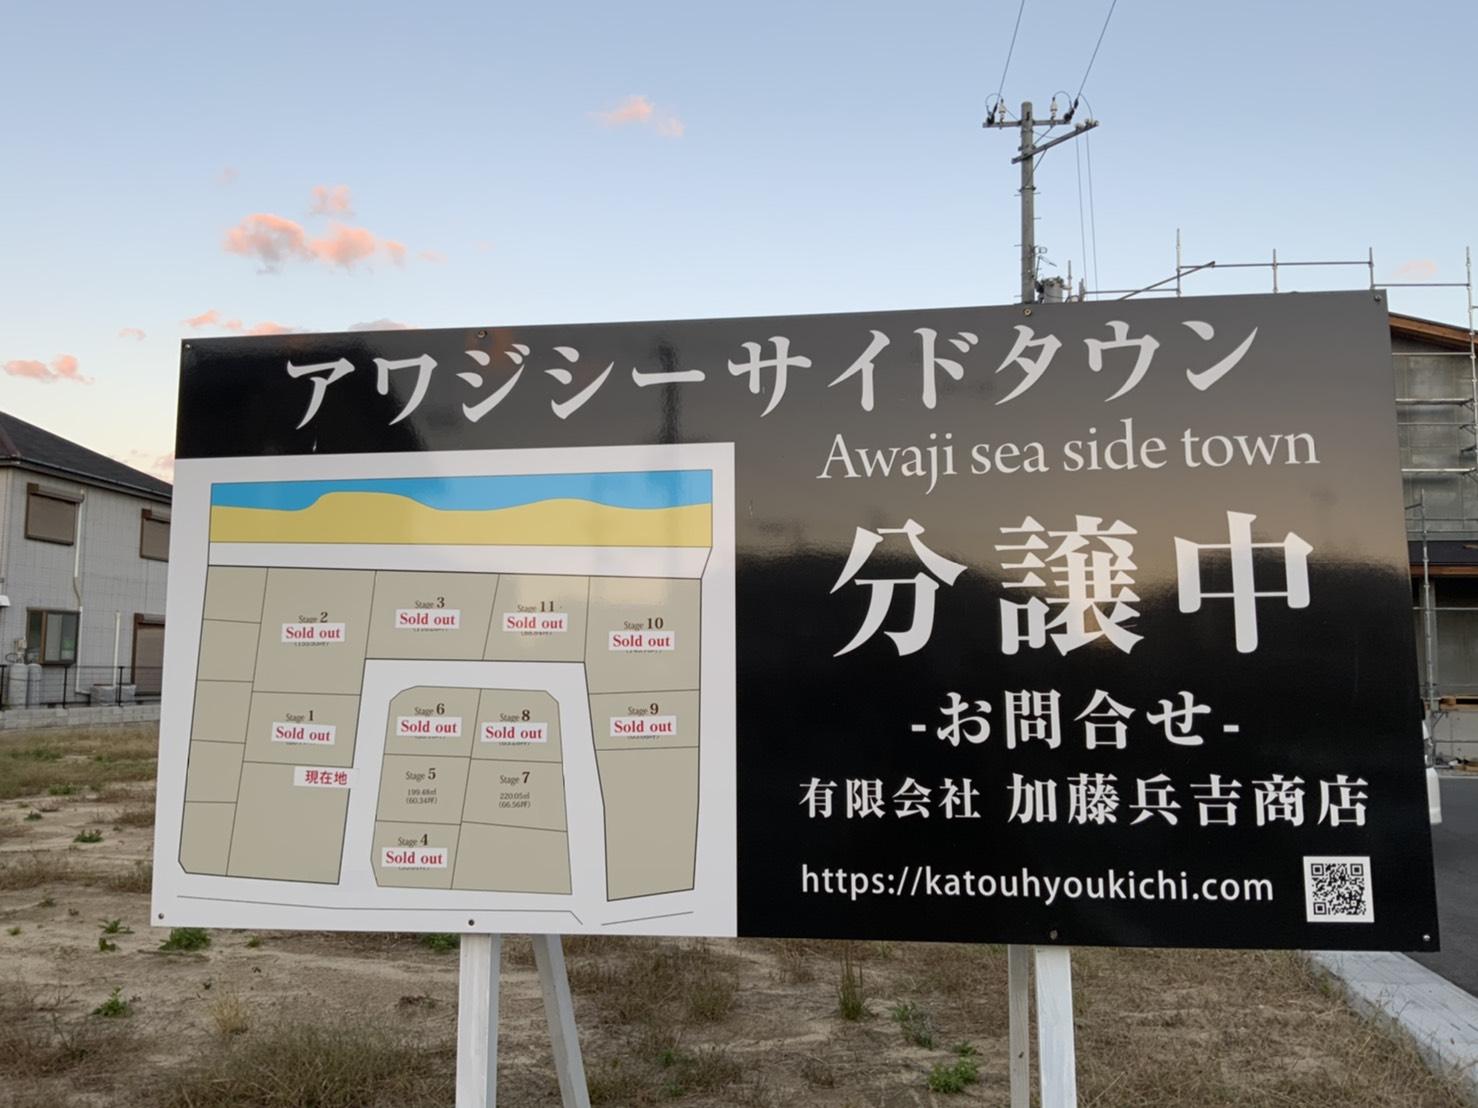 残り2区画となりました。Awajiシーサイドタウンの分譲地